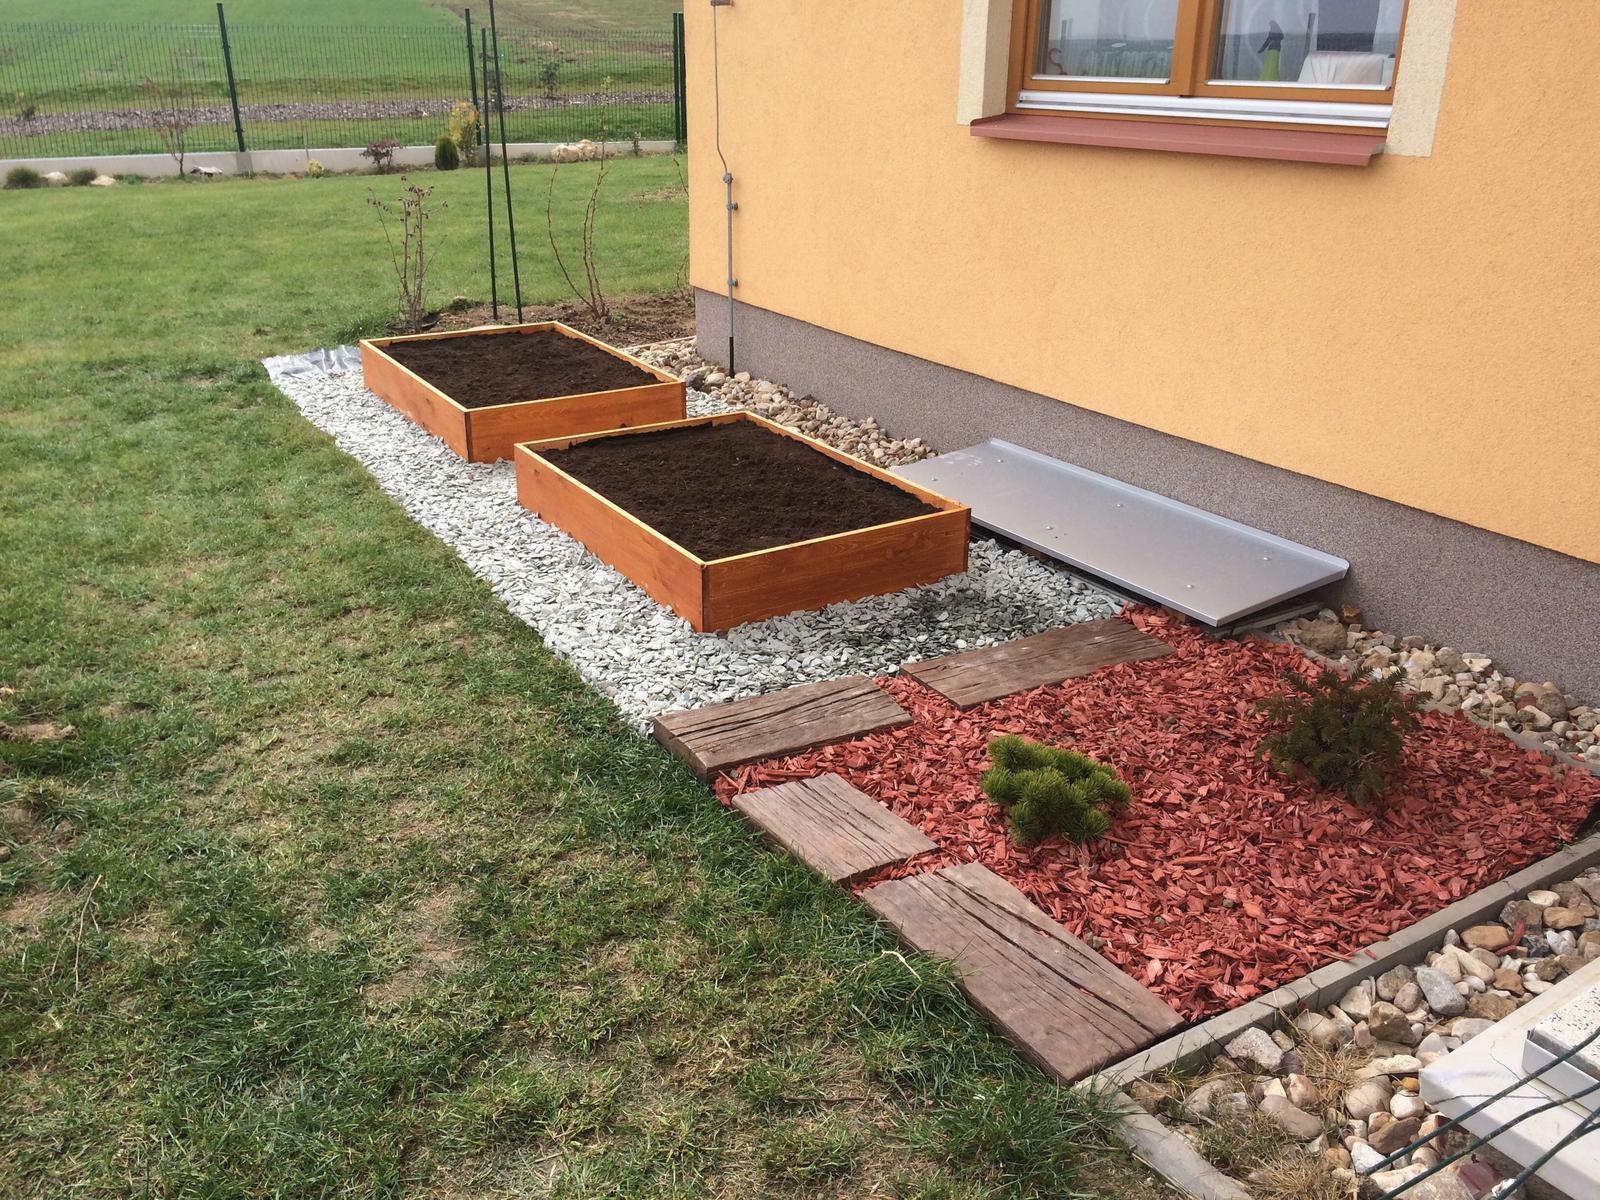 Zahradka nasa 2015 - Obrázek č. 62